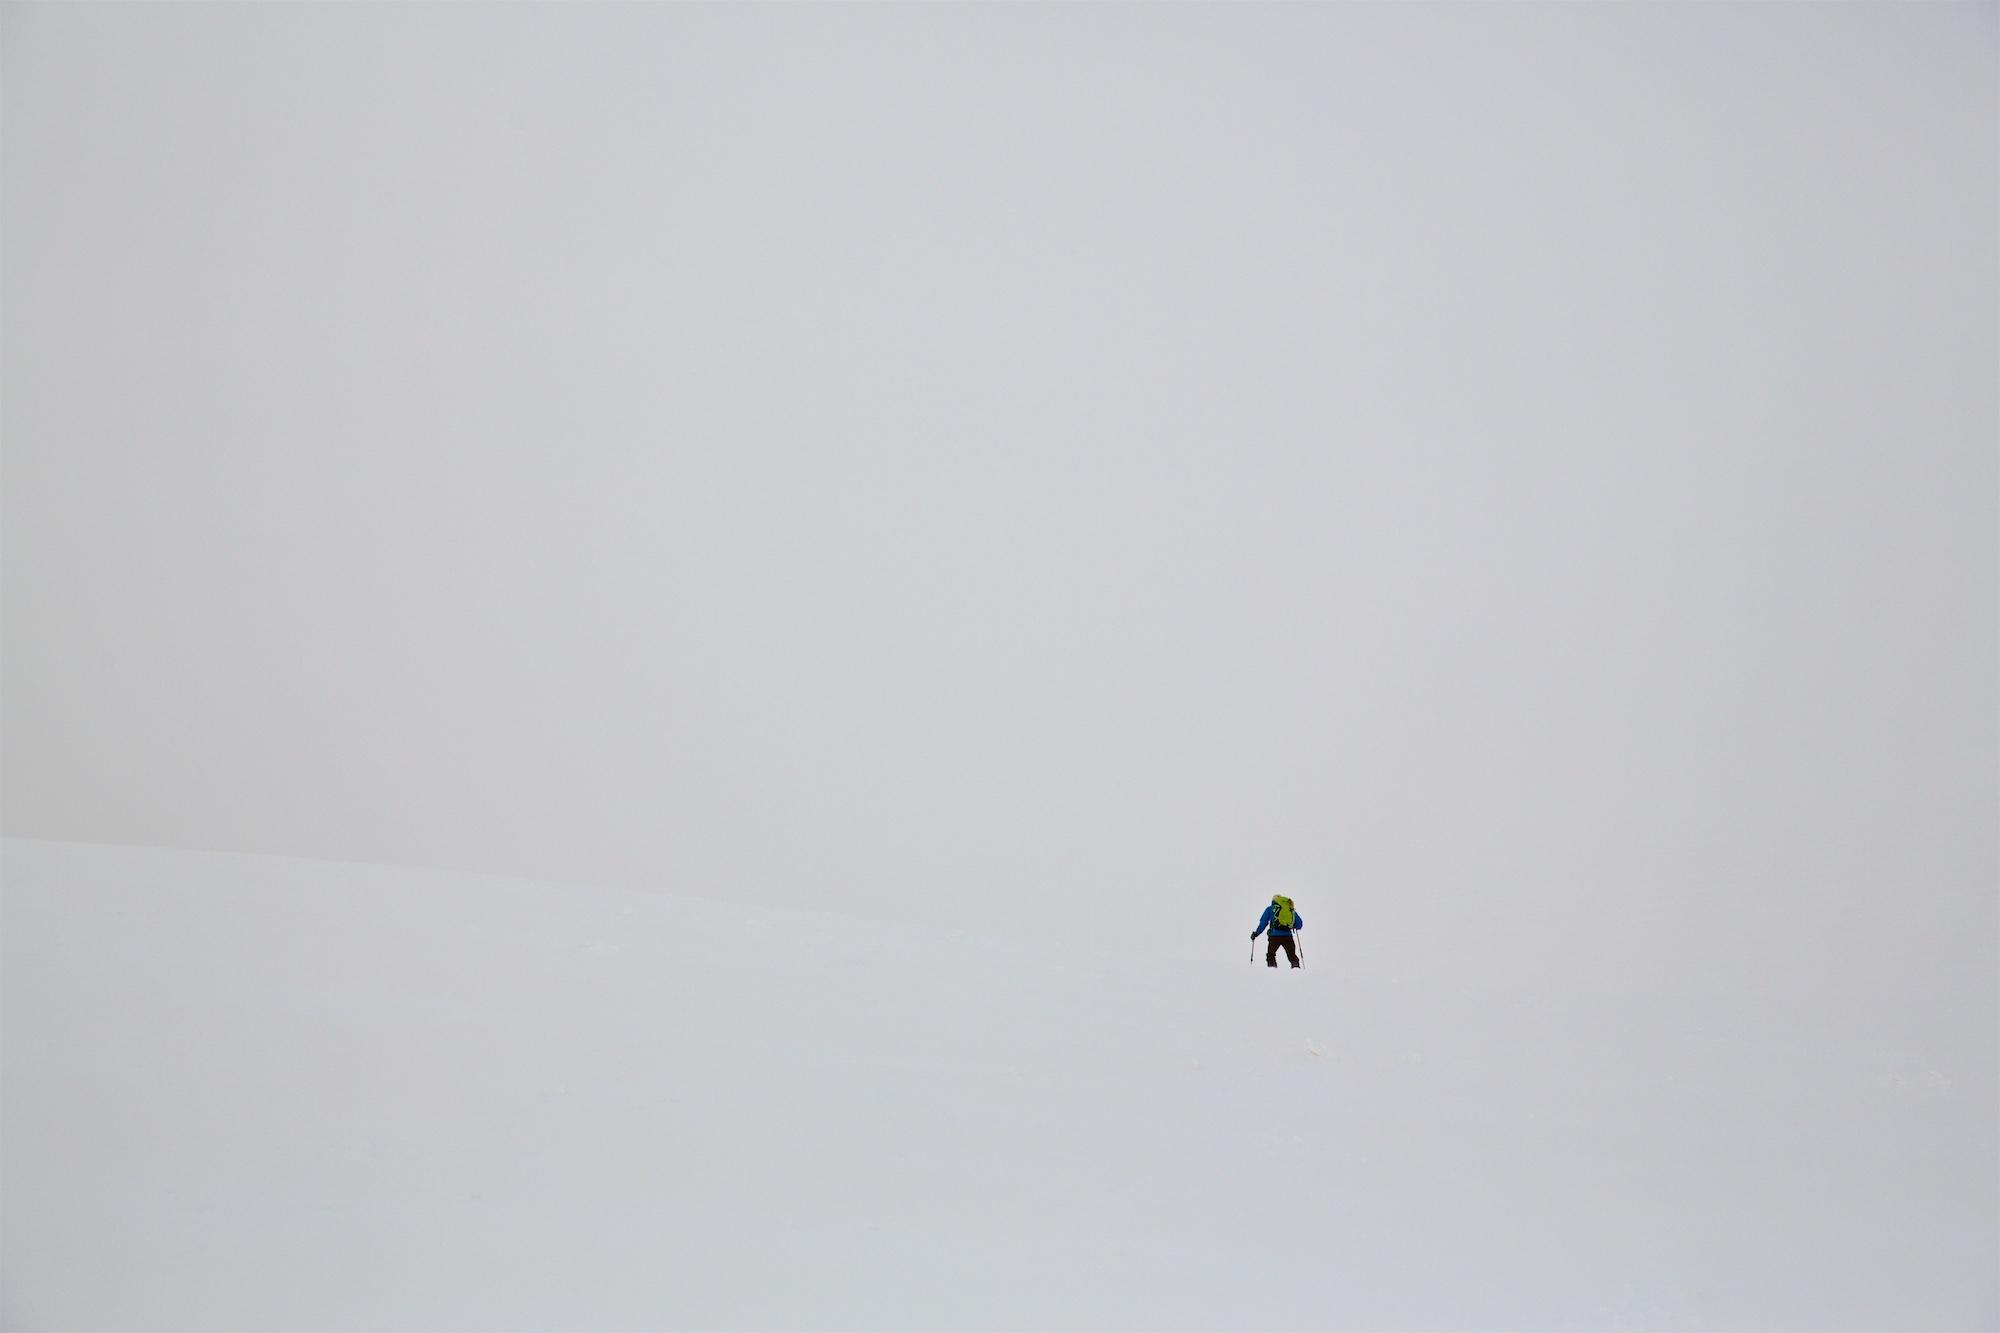 Skitour bei etwas anspruchsvolleren Bedingungen.